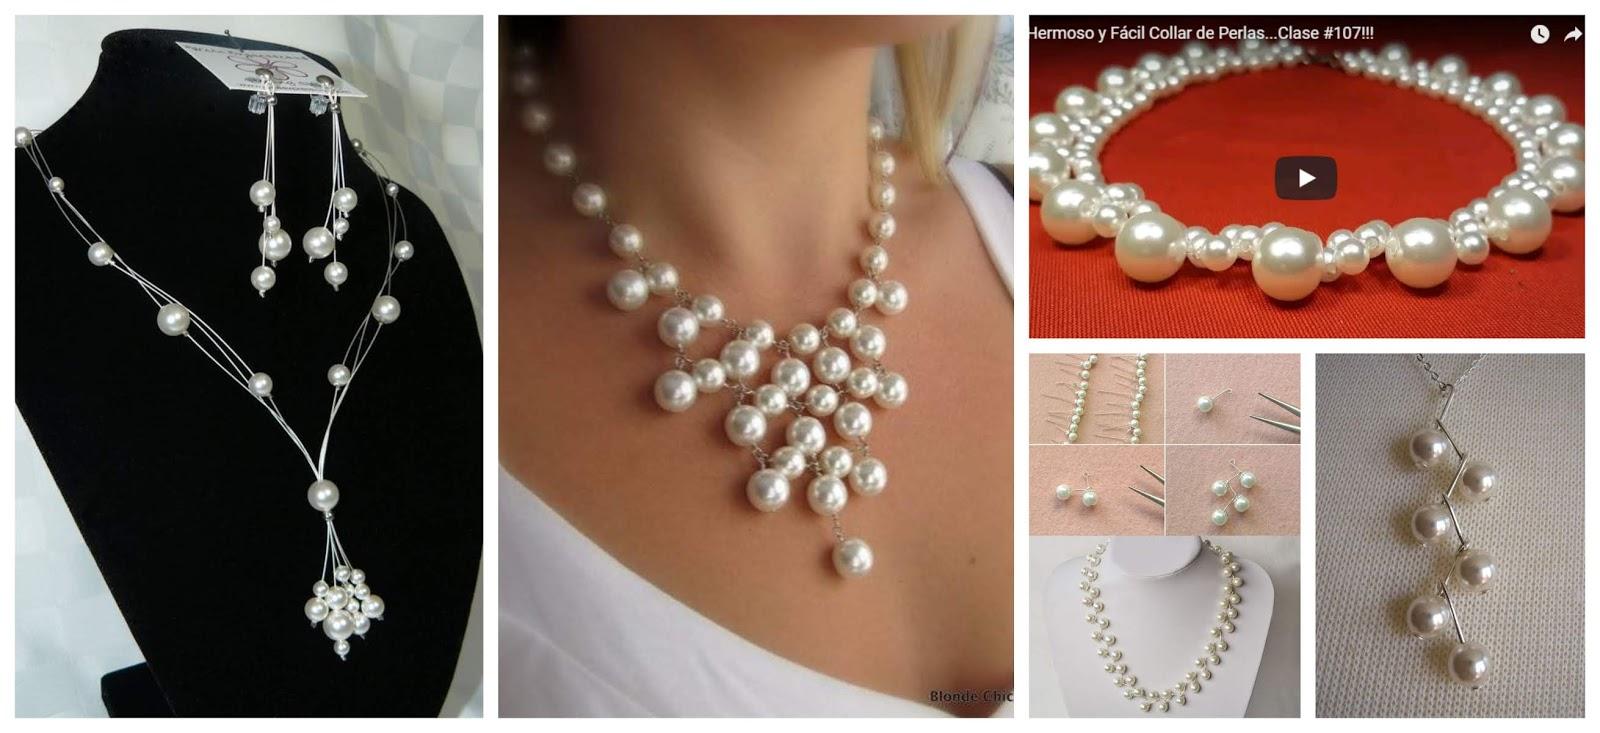 5491fb91d696 Aprende paso a paso cómo hacer un hermoso collar de perlas ~ lodijoella